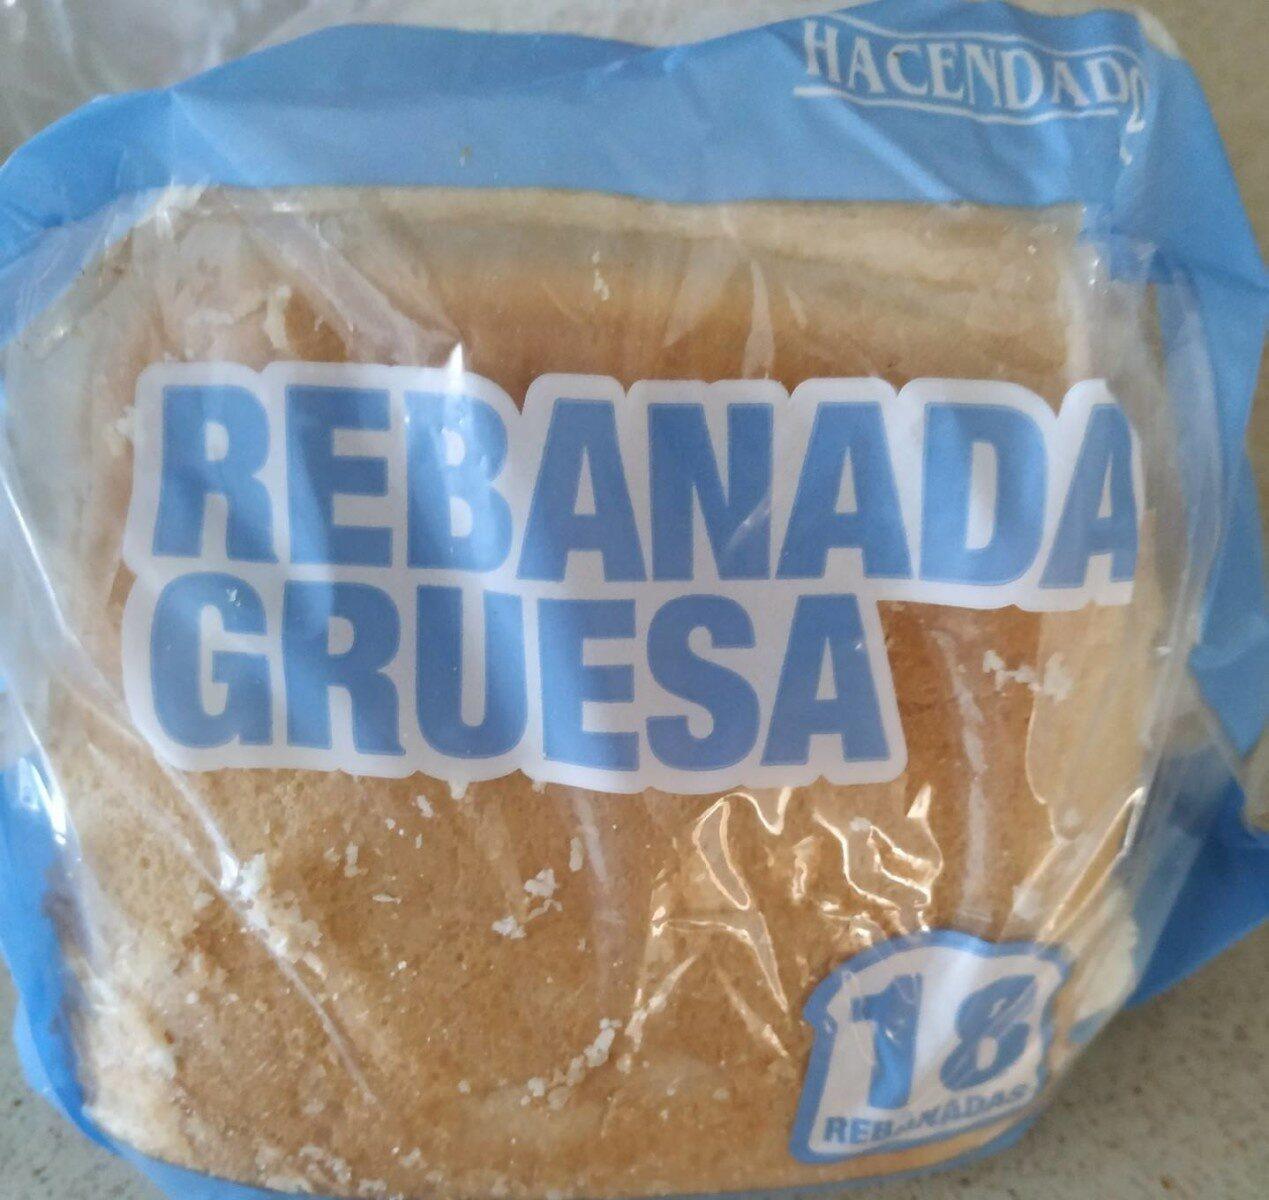 Pan de molde rebanada gruesa - Produit - fr